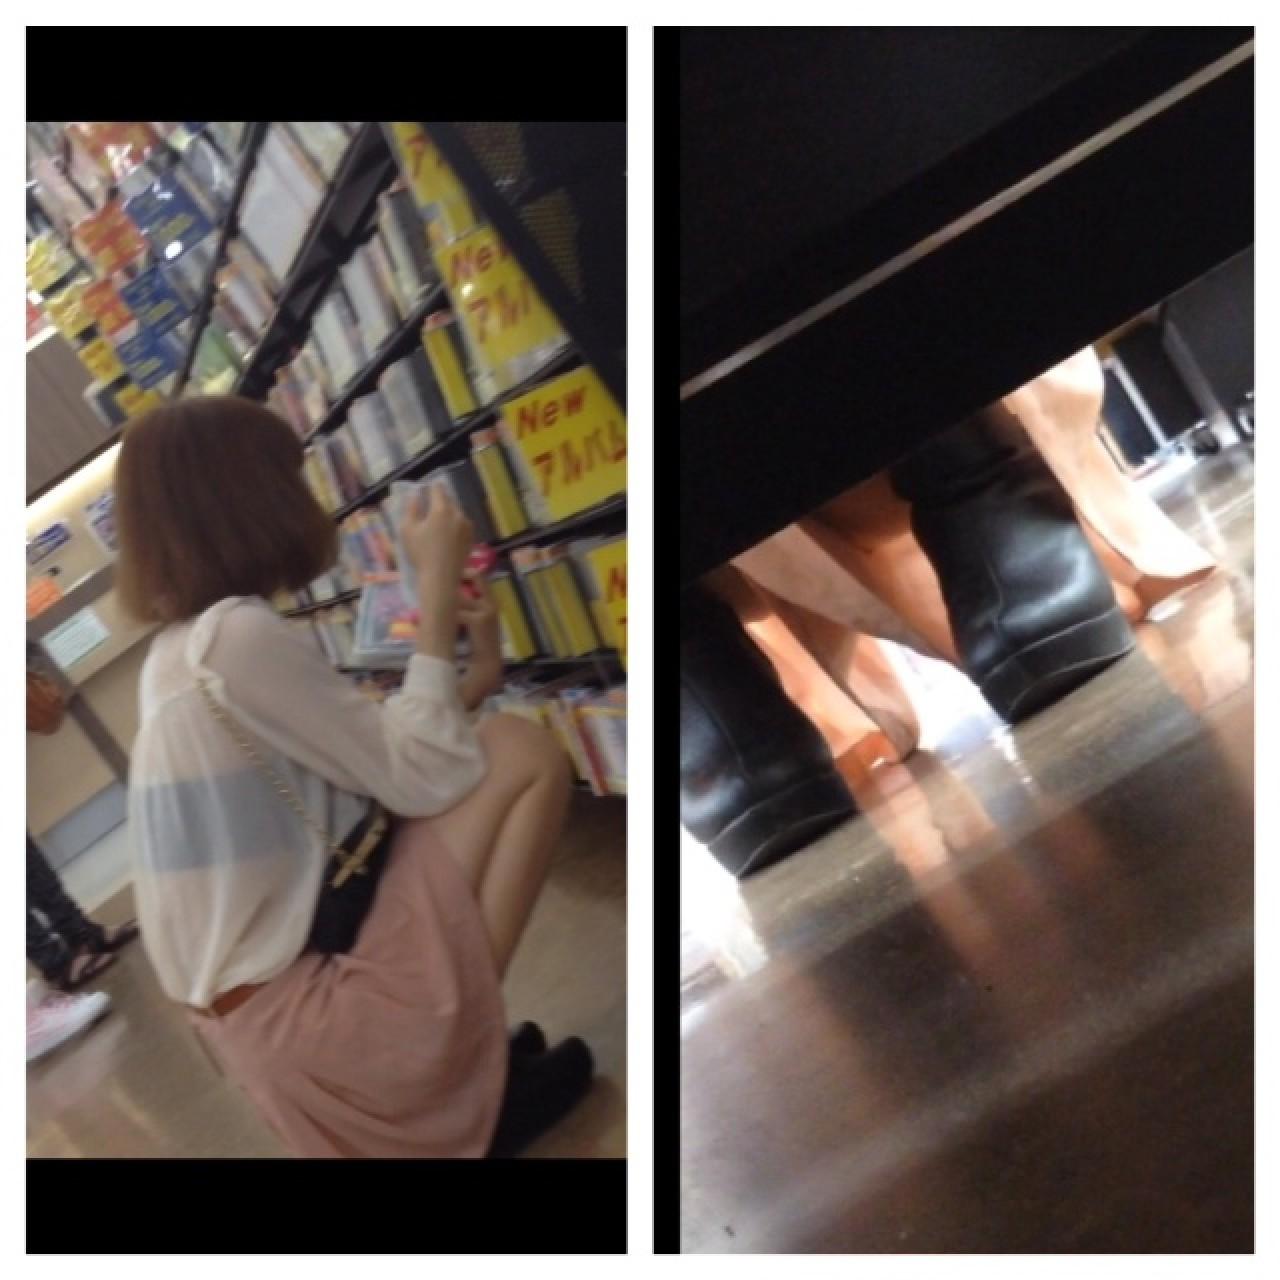 【パンチラエロ画像】店の棚下に要注意!向こう側の気になる下着を激写(;´∀`)